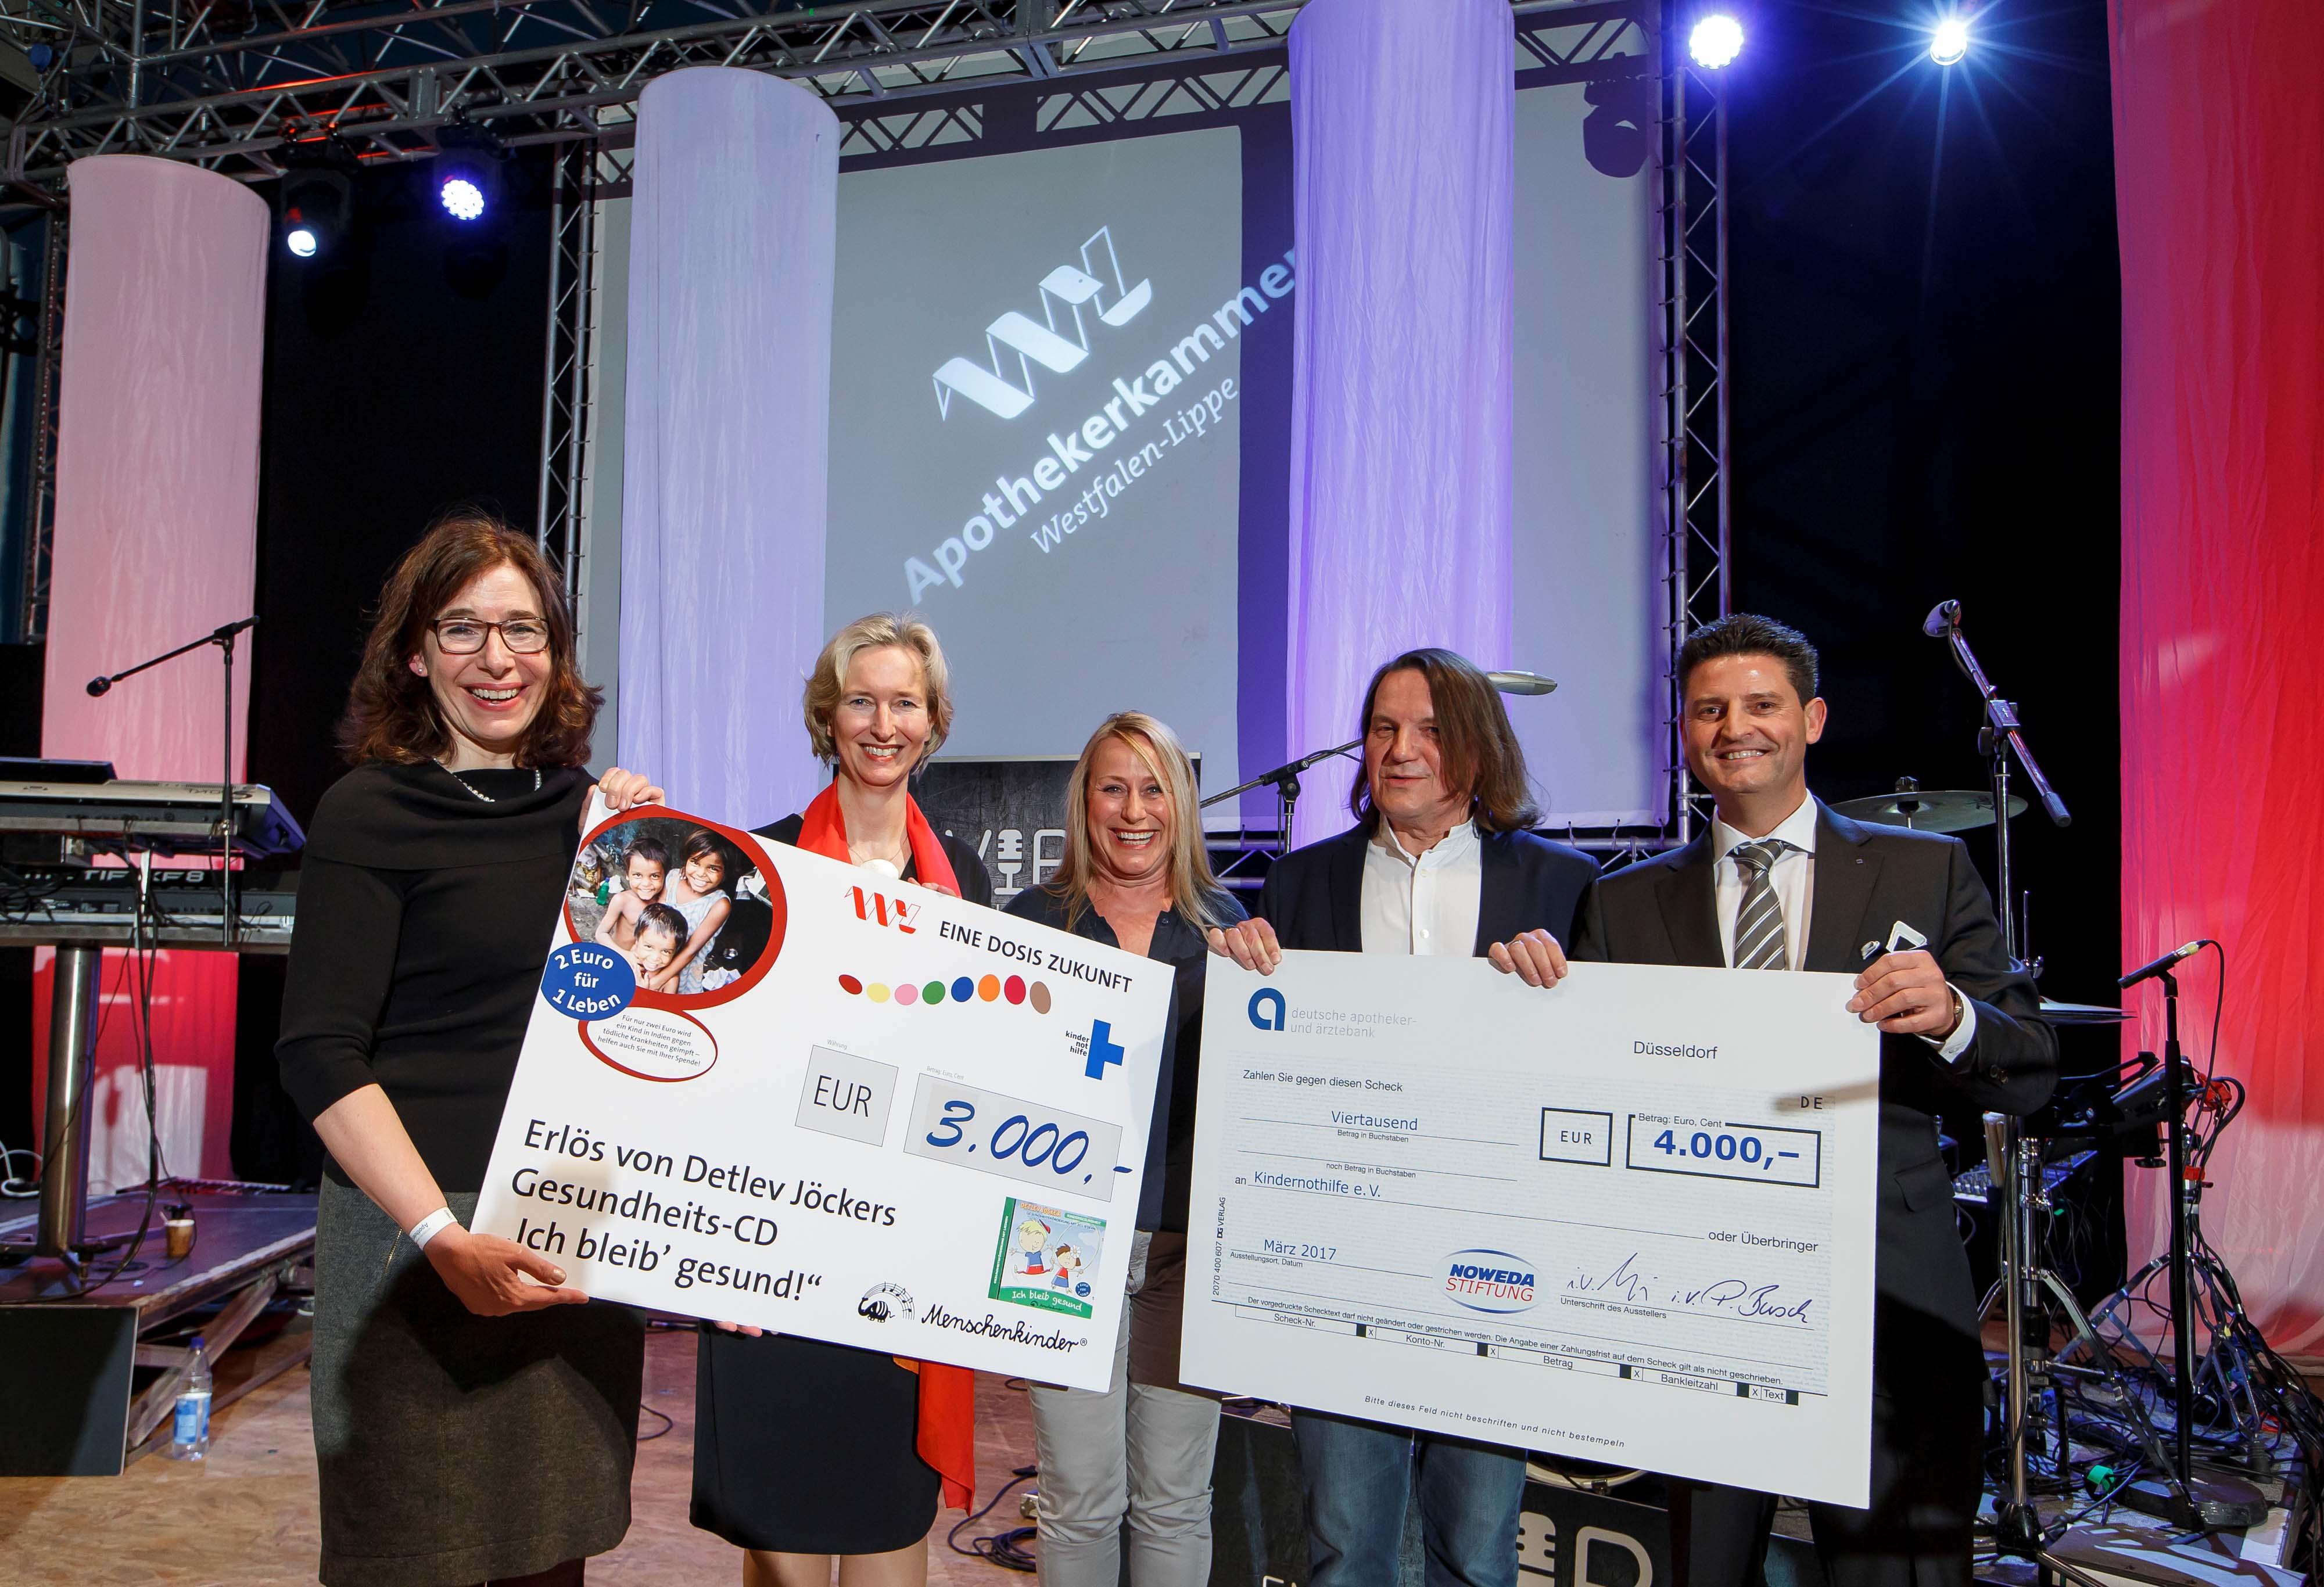 Gabriele Regina Overwiening (Kammerpräsidentin) und Katrin Weidemann (Vorstandsvorsitzende Kindernothilfe) nahmen die Spendenschecks von Detlev und Kornelia Jöcker sowie von Oliver Wackernagel (Noweda) über 3.000 und 4.000 Euro entgegen.